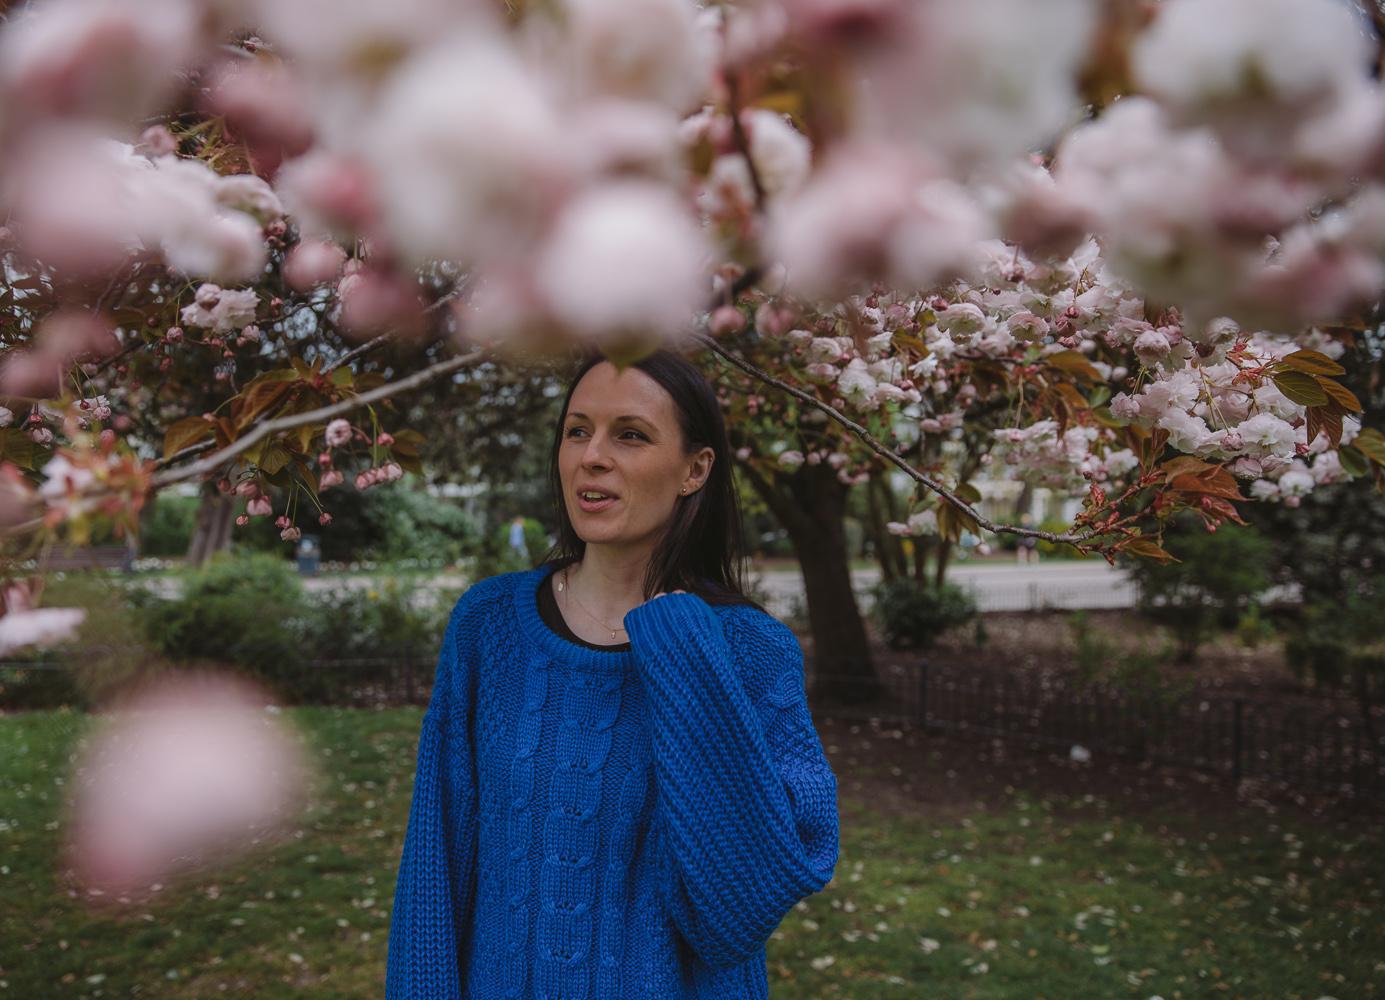 portrait photography east london victoria park-32.jpg